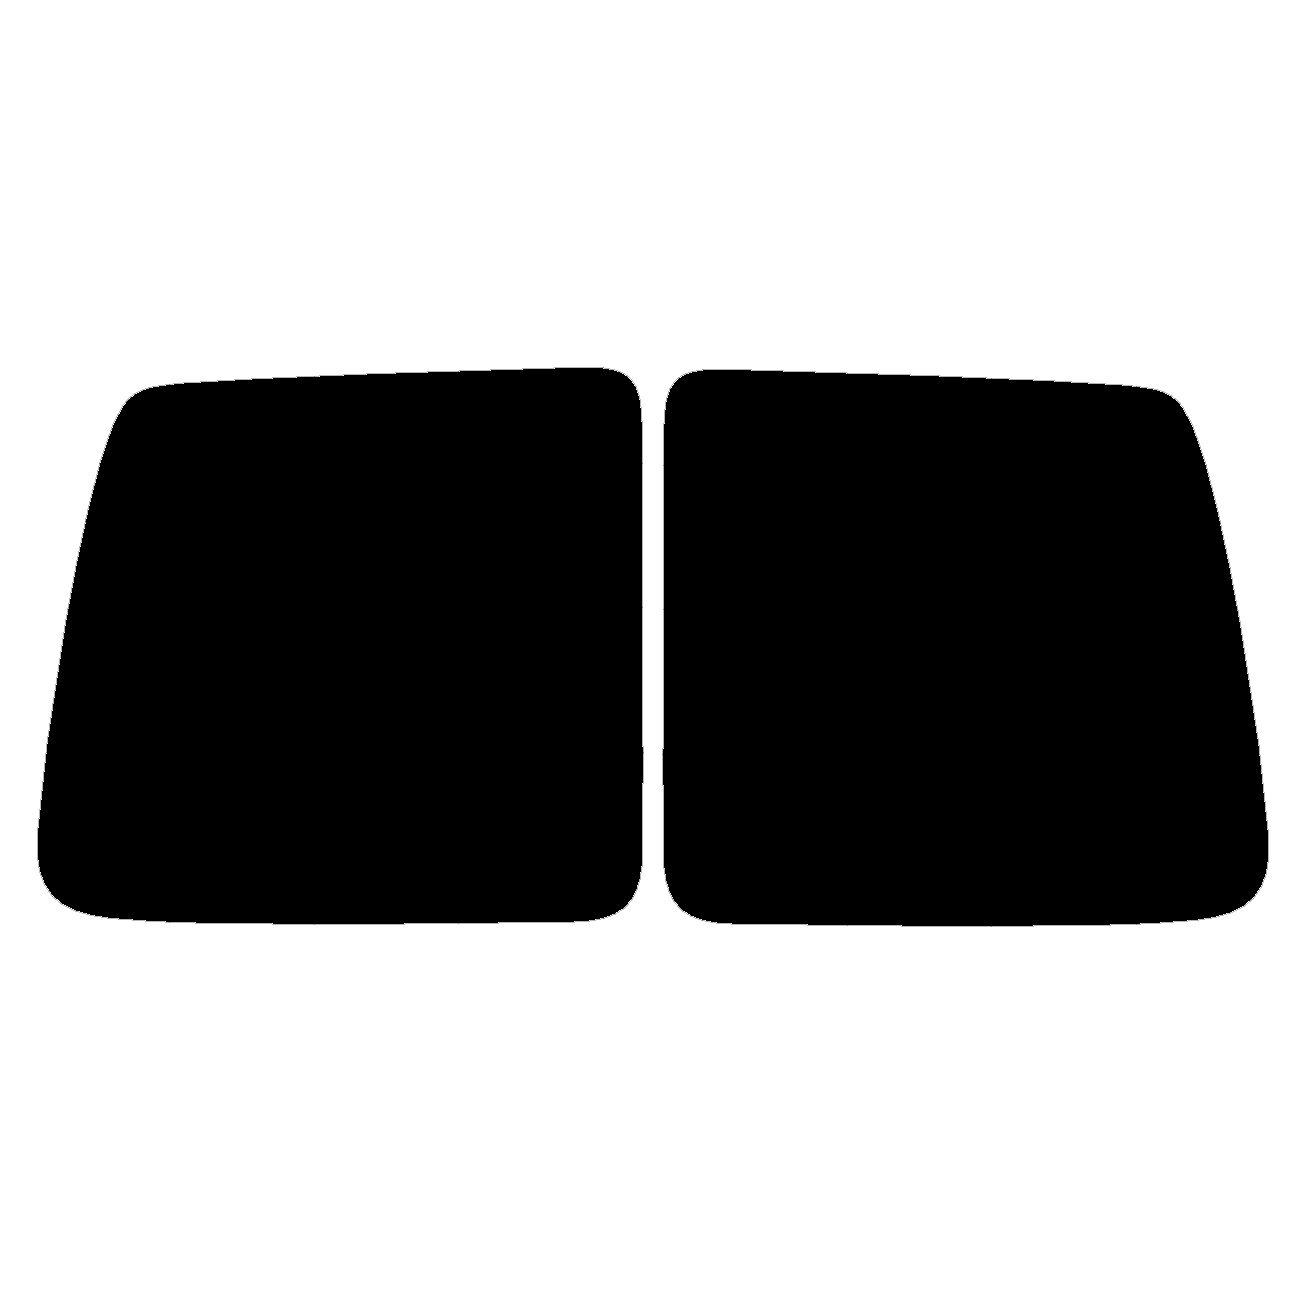 Pre cut window tint 1998 to 2007 Citroen Berlingo Van Rear windows 35/% Light Smoke